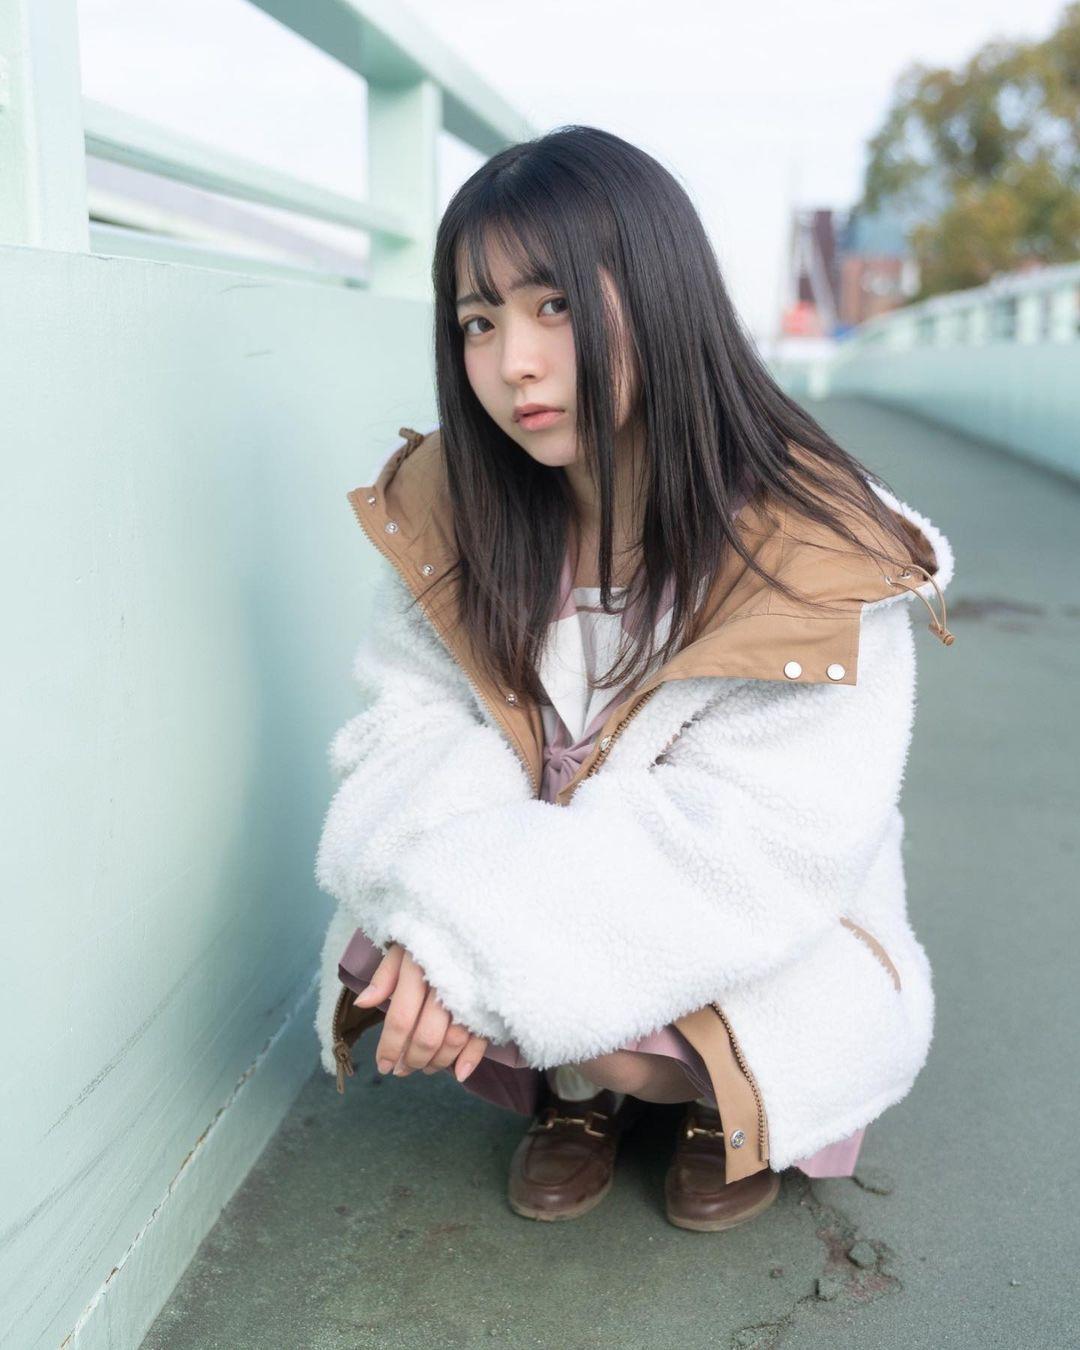 17岁仙女高中生瀬戸りつ绝美长相激似IU 全身散发空灵气质美到有点不真实 养眼图片 第4张